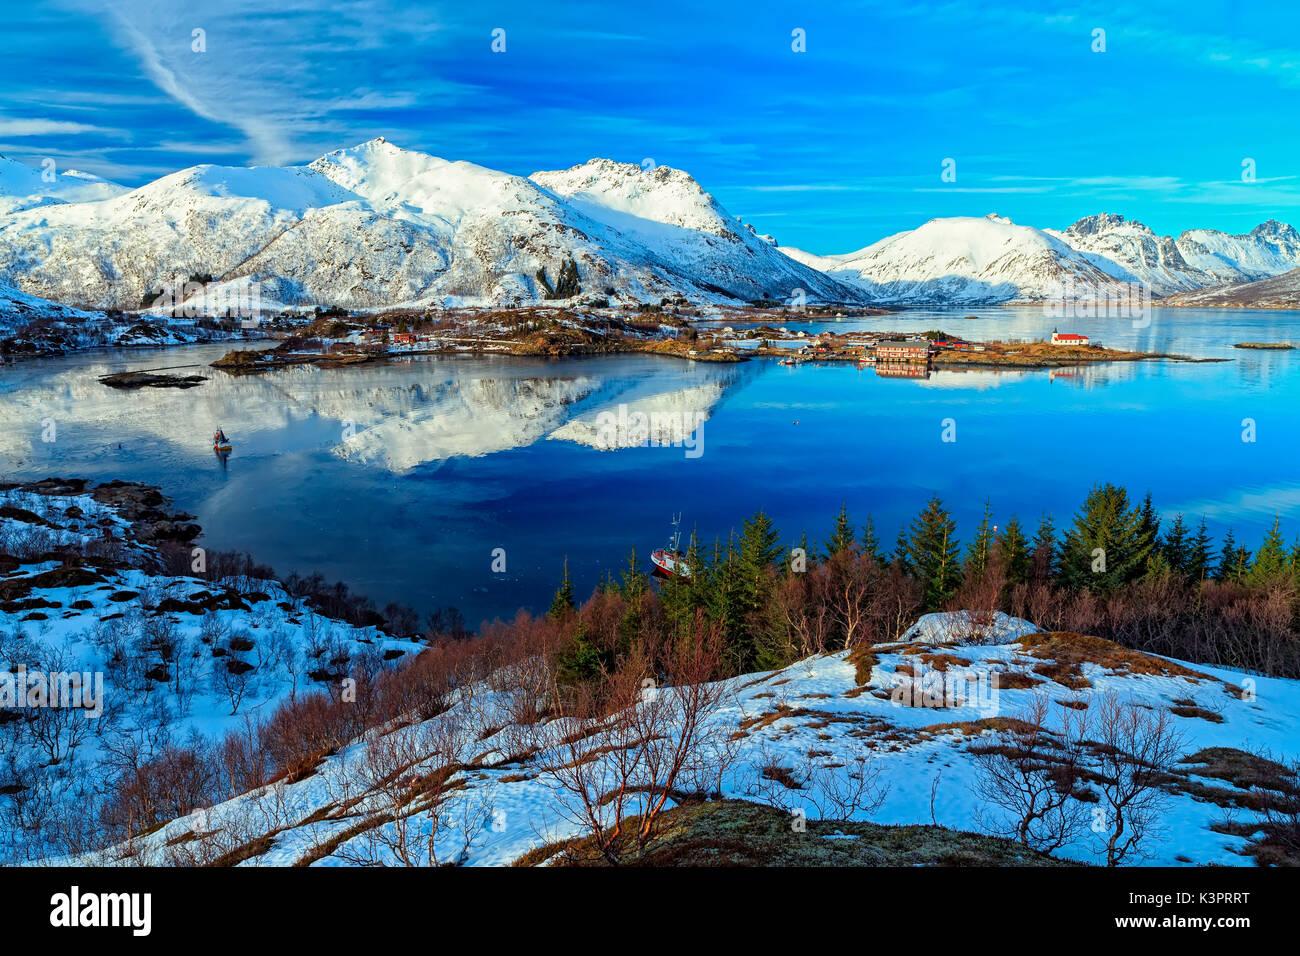 Schnee überzogene Berge spiegeln auf den Gewässern des Austnesfjorden, Sildpollen, Lofoten, Norwegen Stockbild